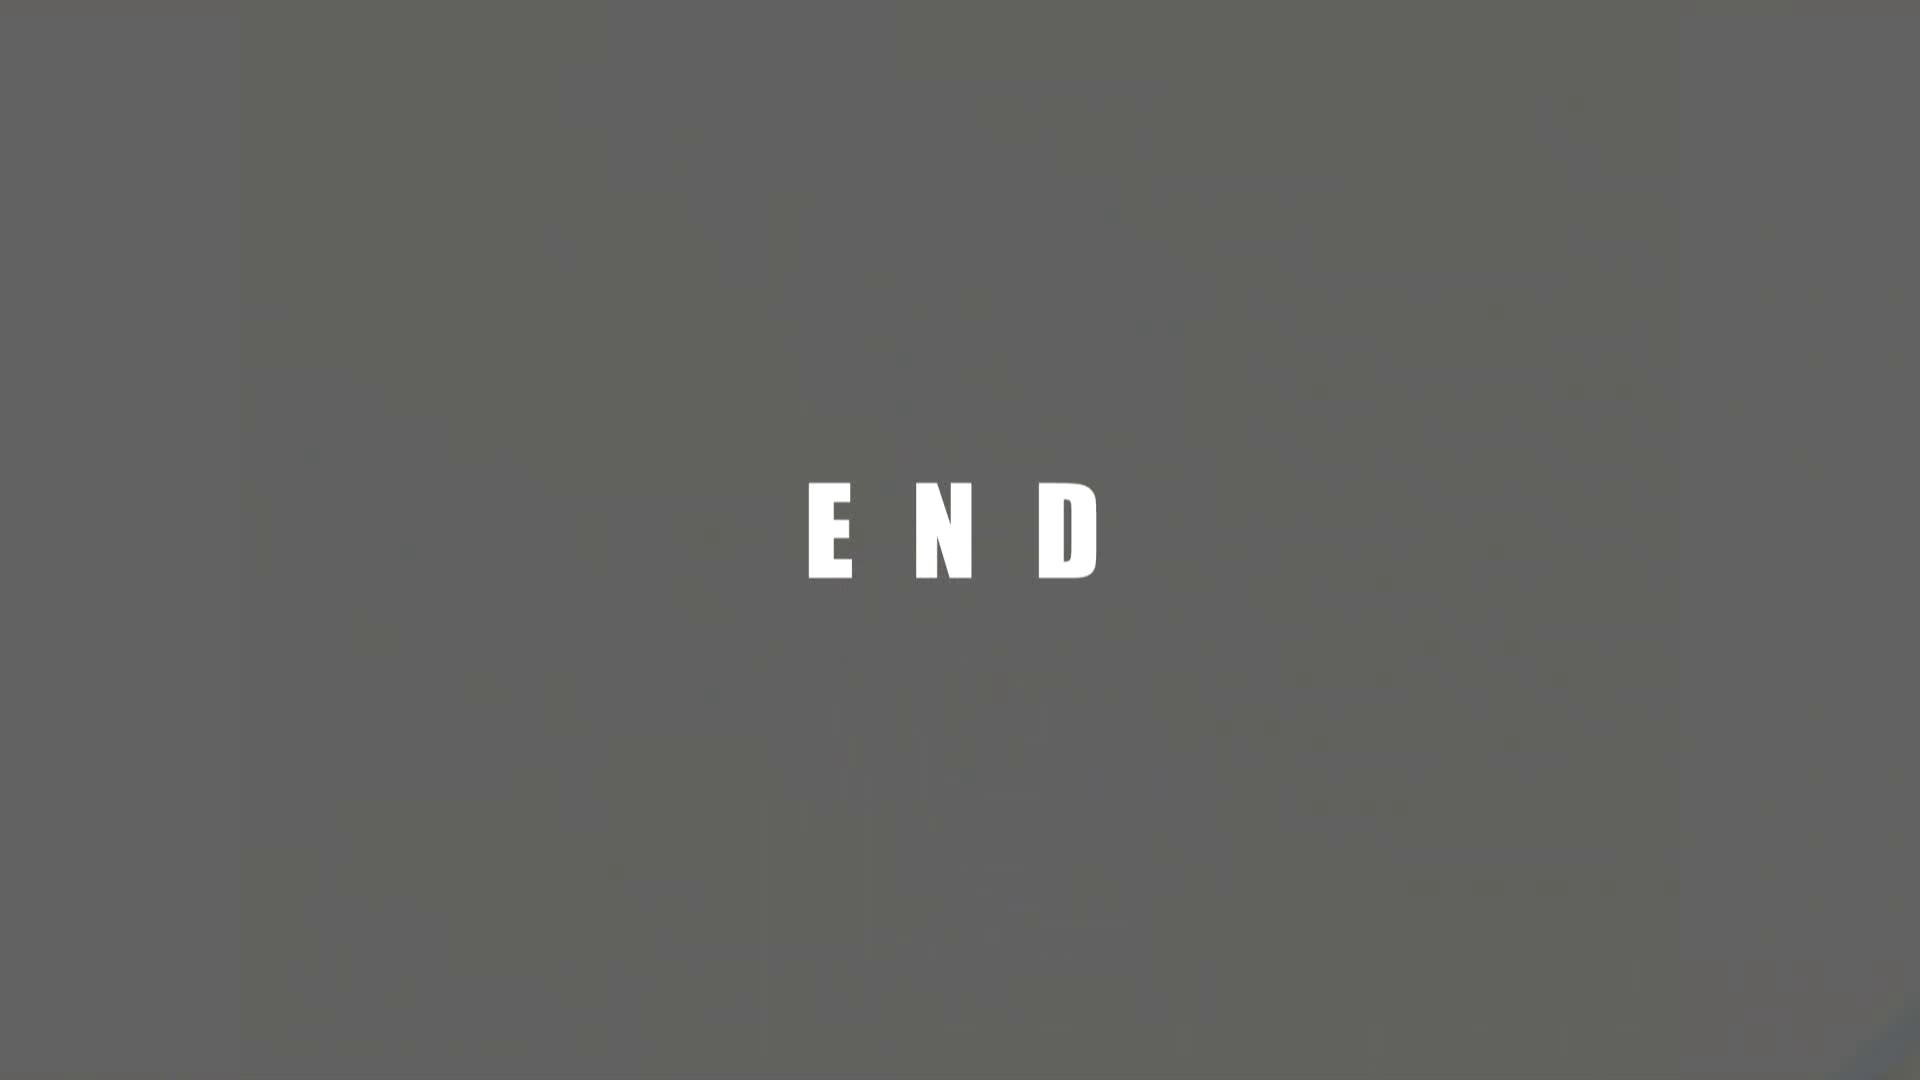 至高下半身盗撮-PREMIUM-【院内病棟編 】 vol.01 盗撮  73枚 18